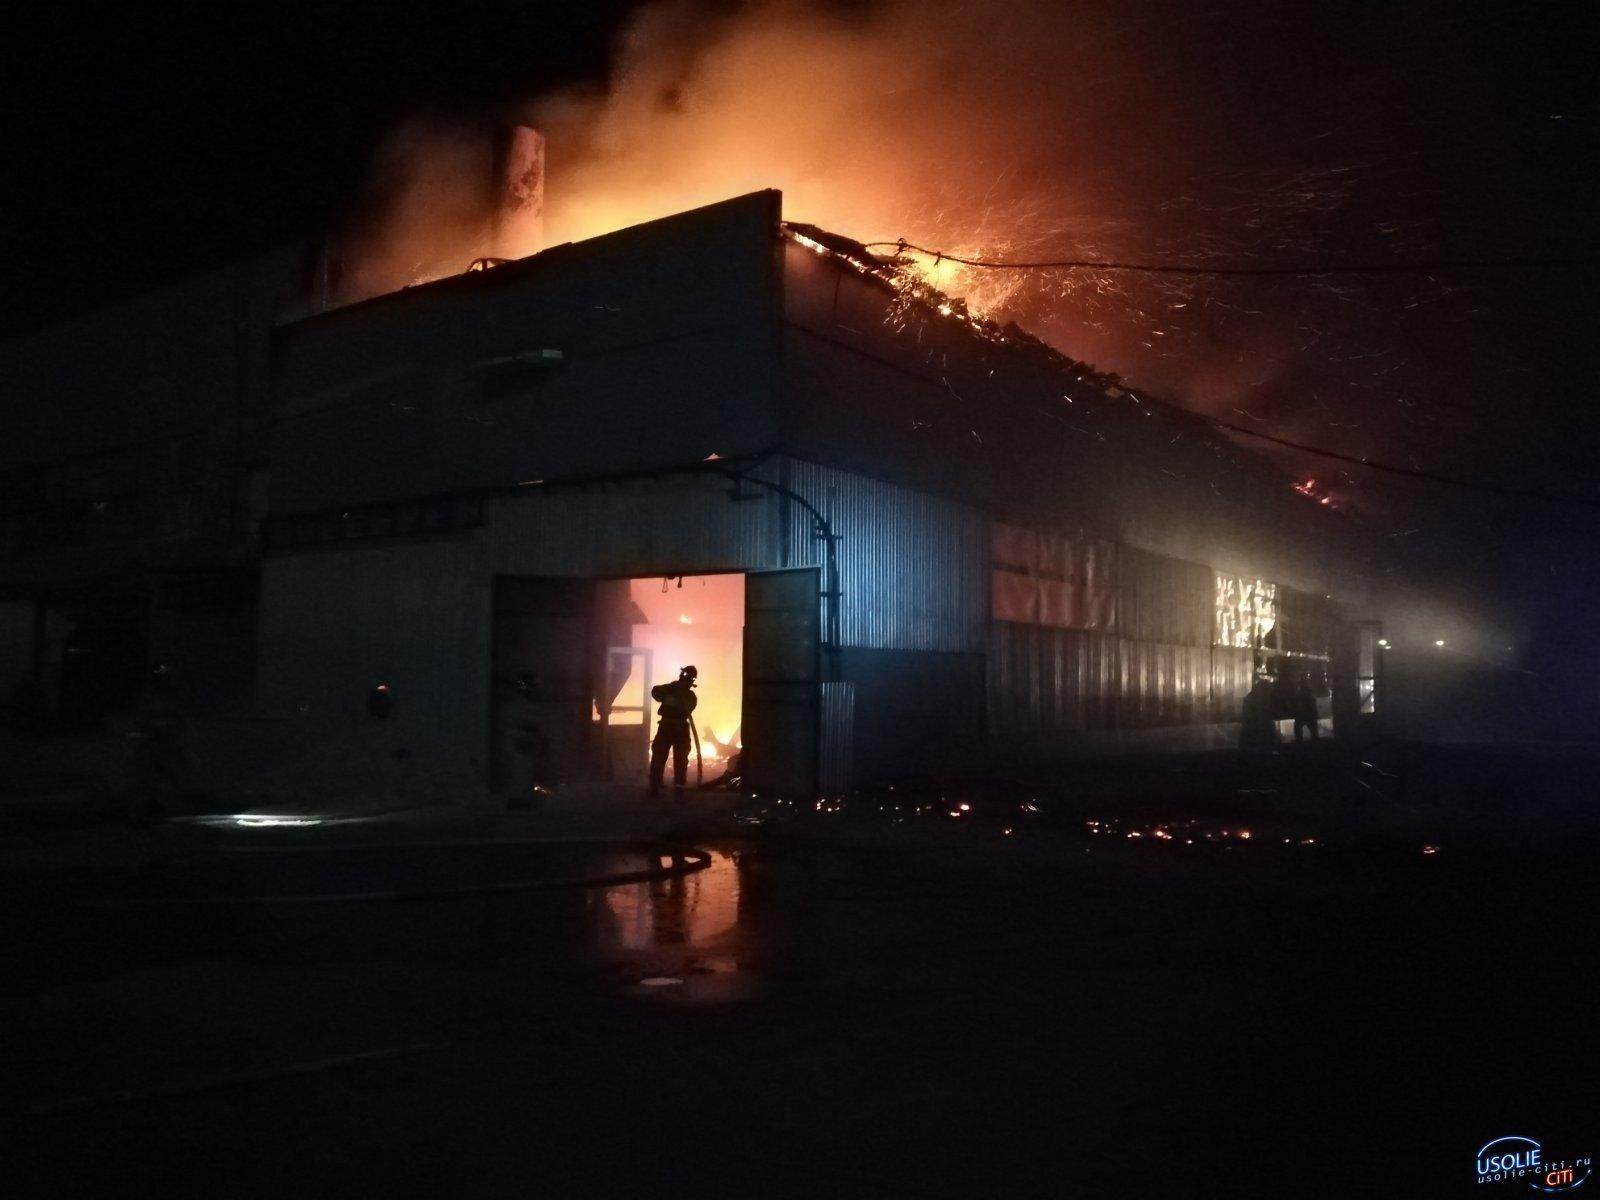 В Усолье огонь уничтожил здание предприятия - резидента